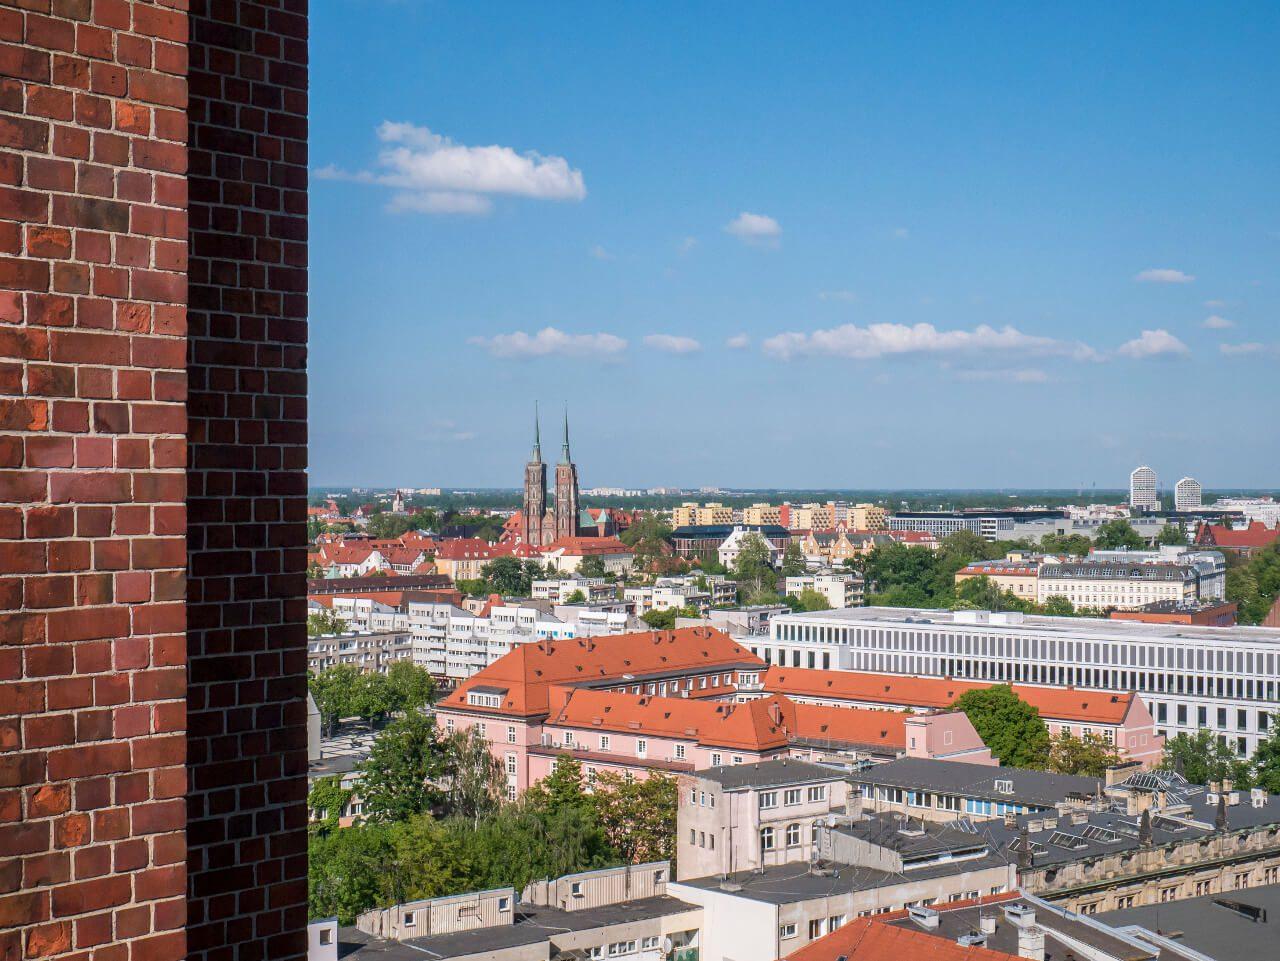 Katedra św. Jana Chrzciciela widziana z Mostku Pokutnic